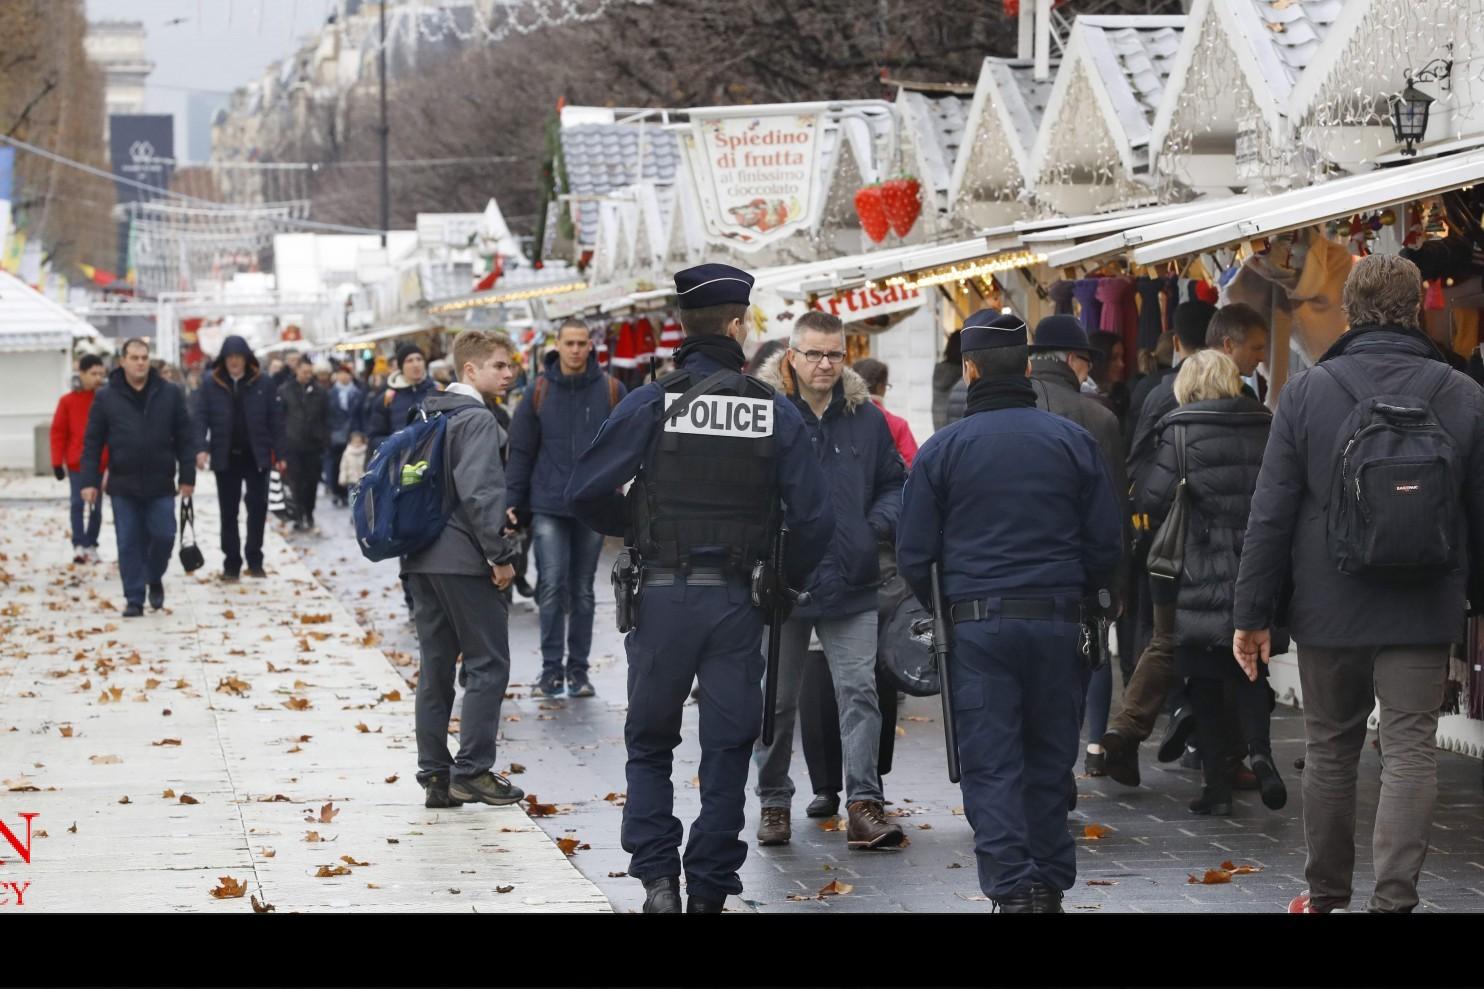 آینده تیره و تار اروپا در مواجهه با تروریسم